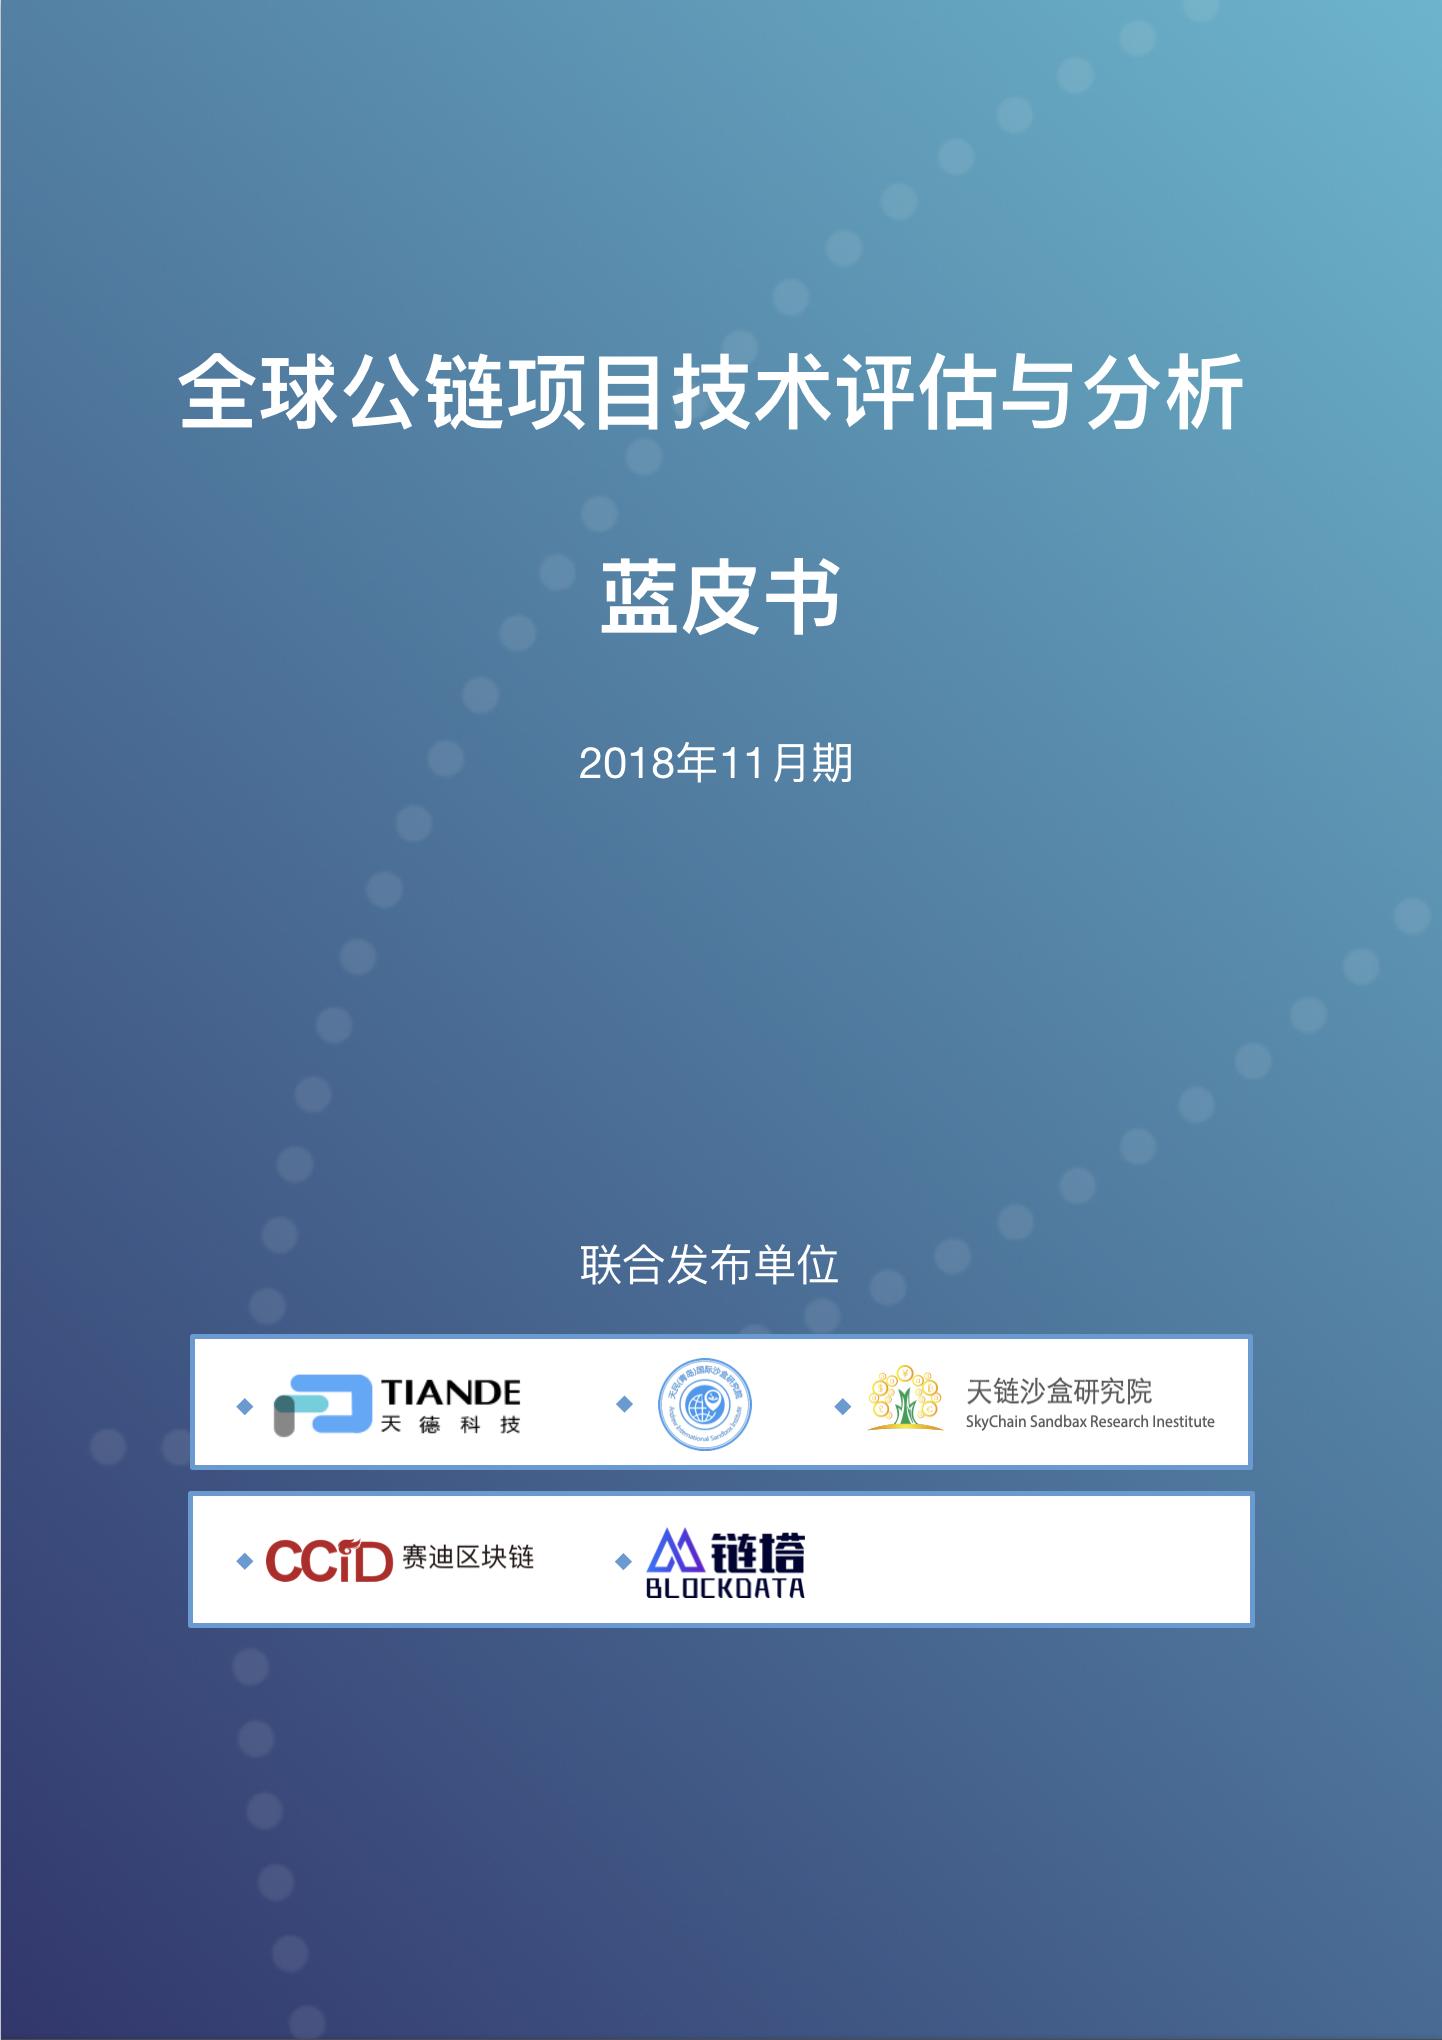 全球公链项目高度中心化:200余工程师控制活跃公链